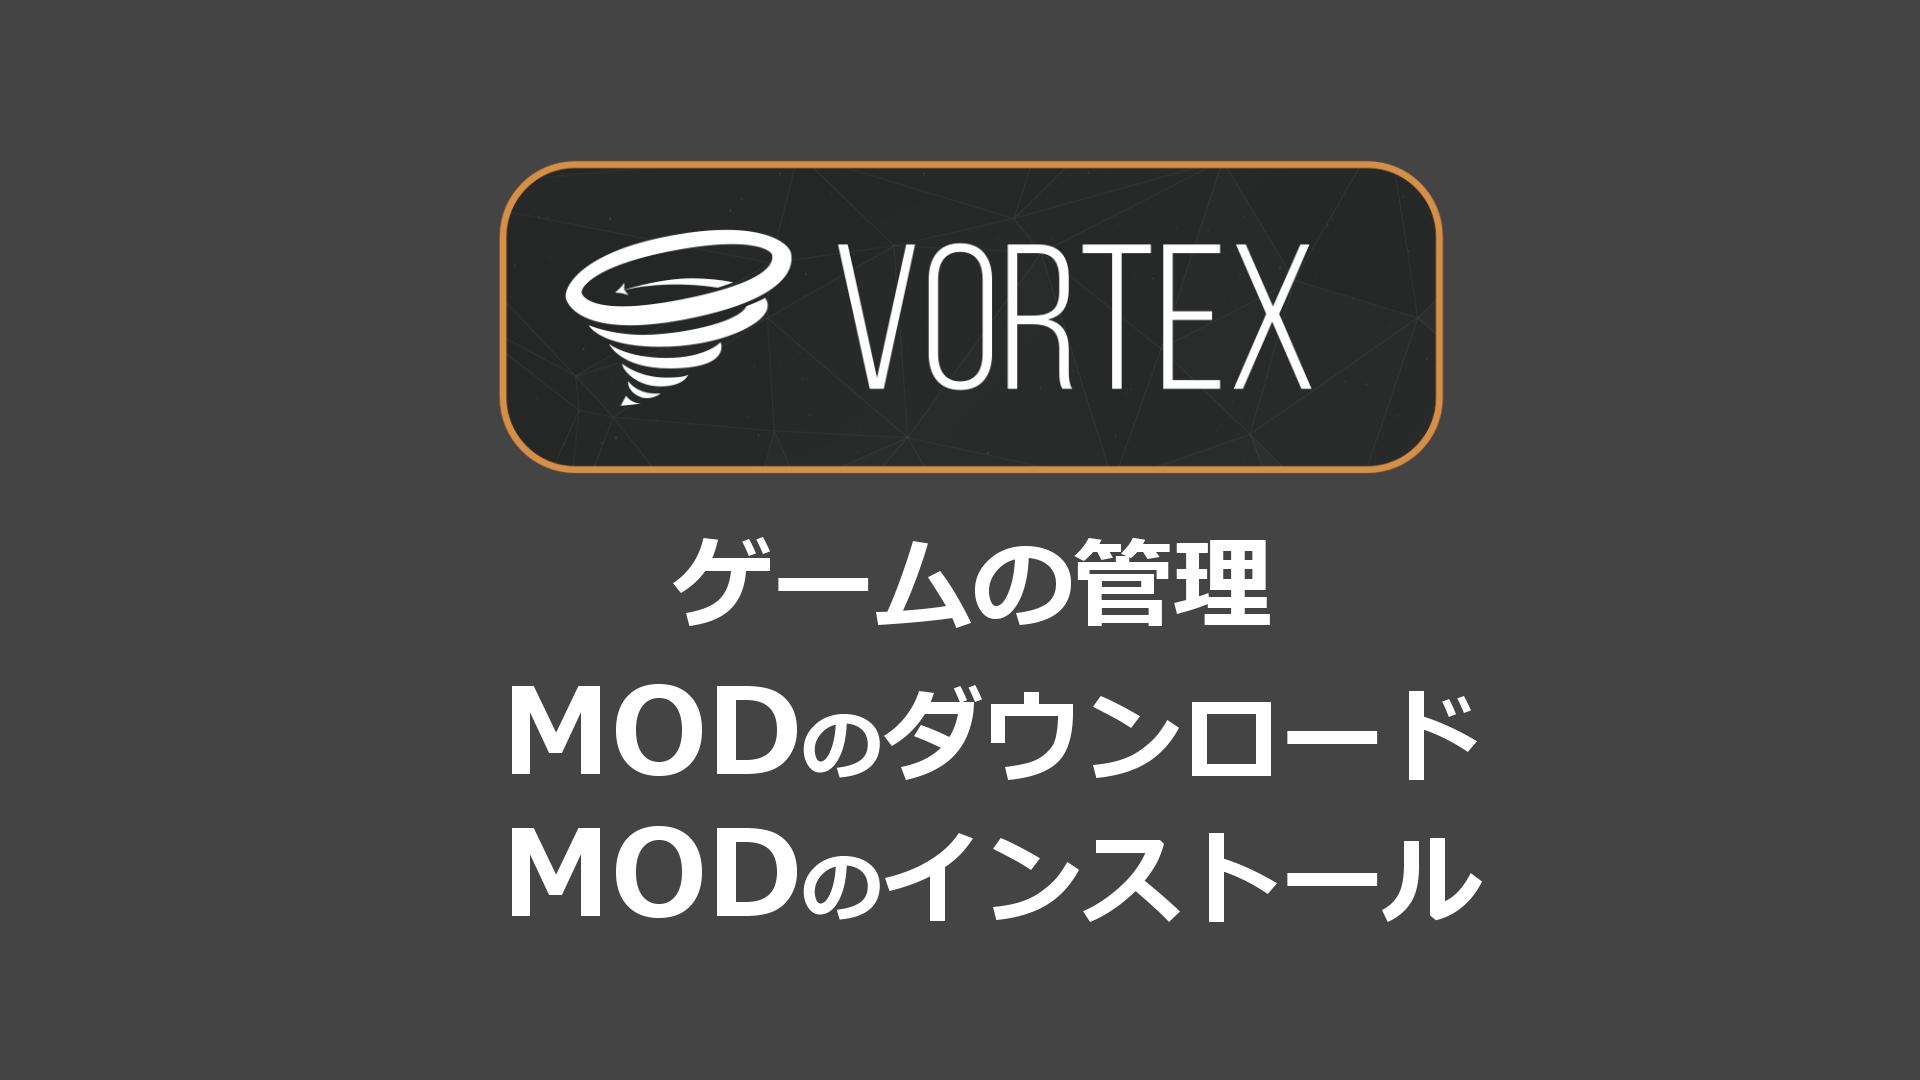 【Vortex】ゲームの管理・MODのダウンロード/インストールの方法をわかりやすく解説